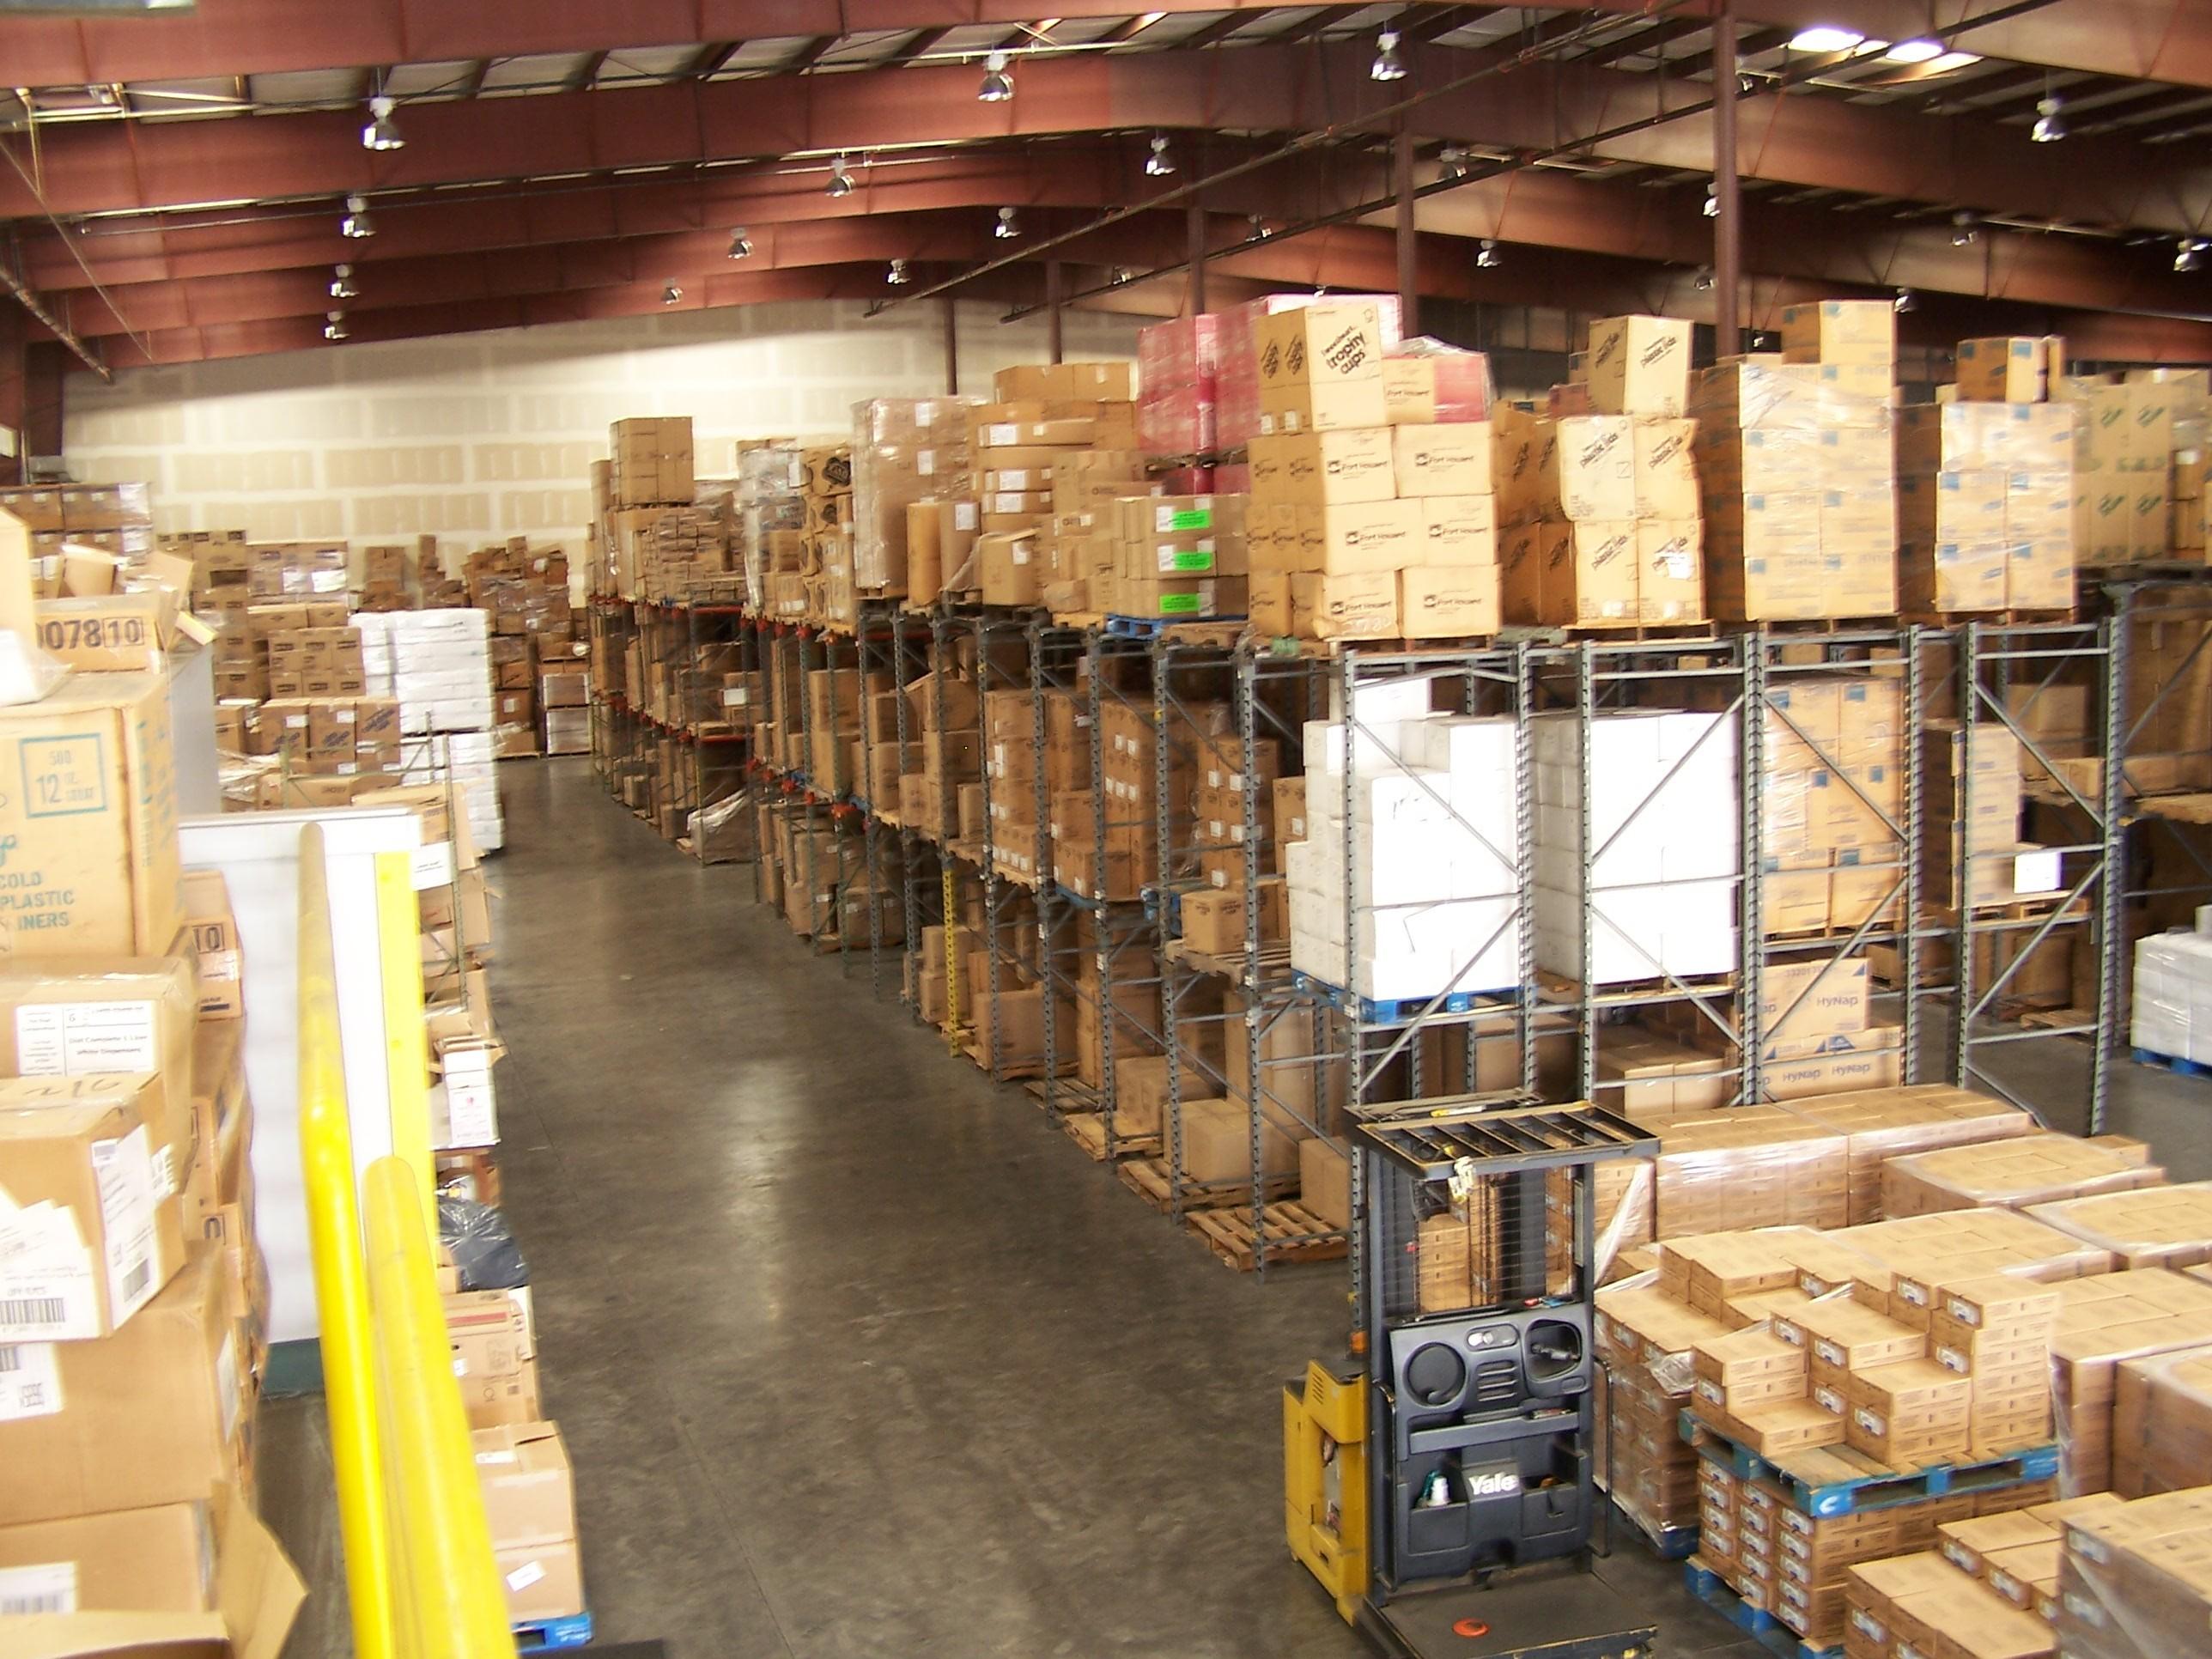 Distribution center for beverages in Honolulu, HI